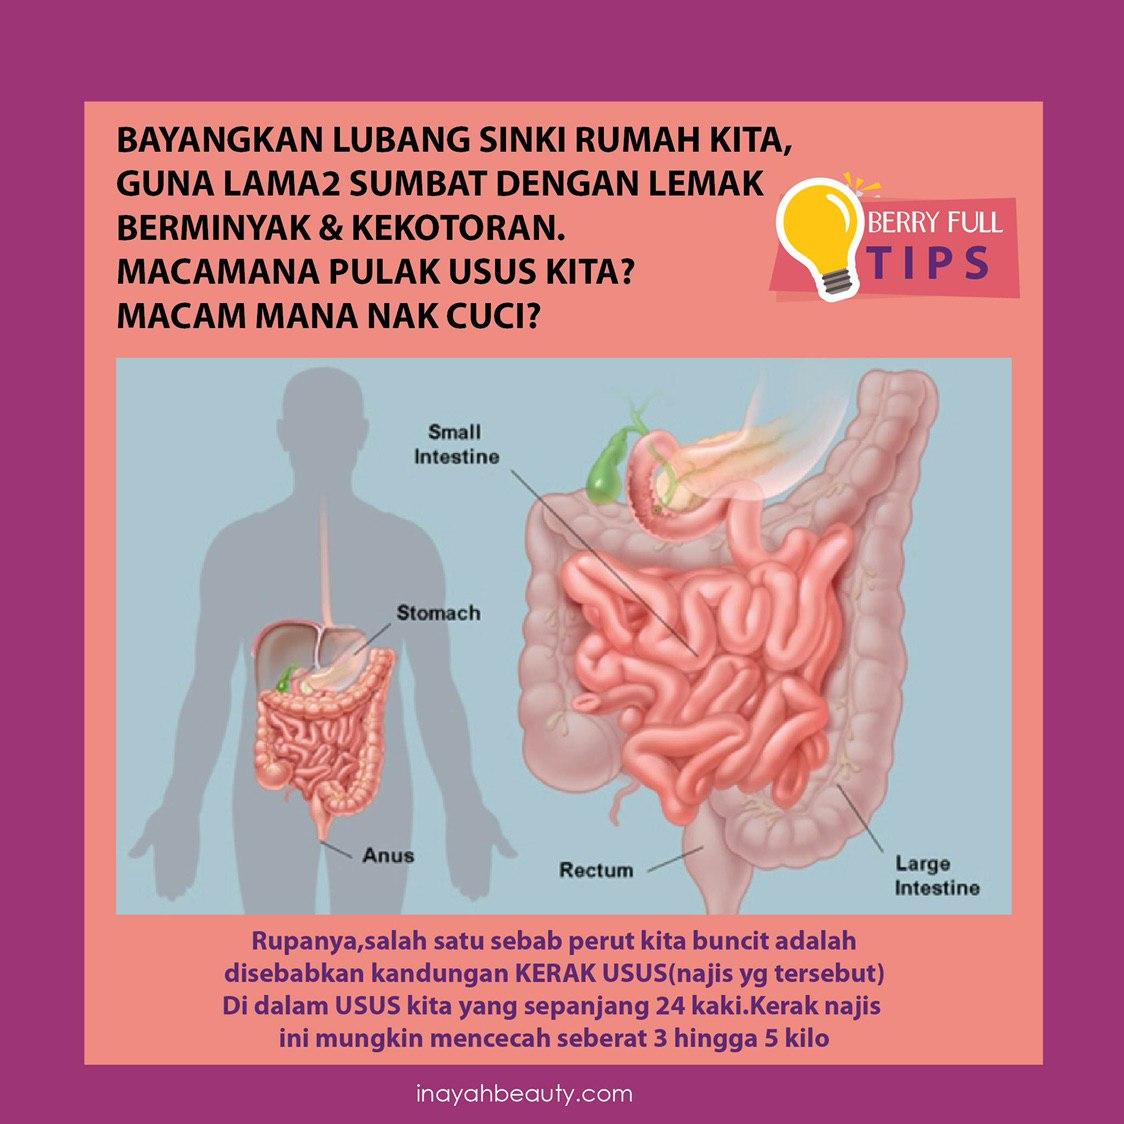 berryfull inayah kervenglow tips usus clean up bersih.jpg